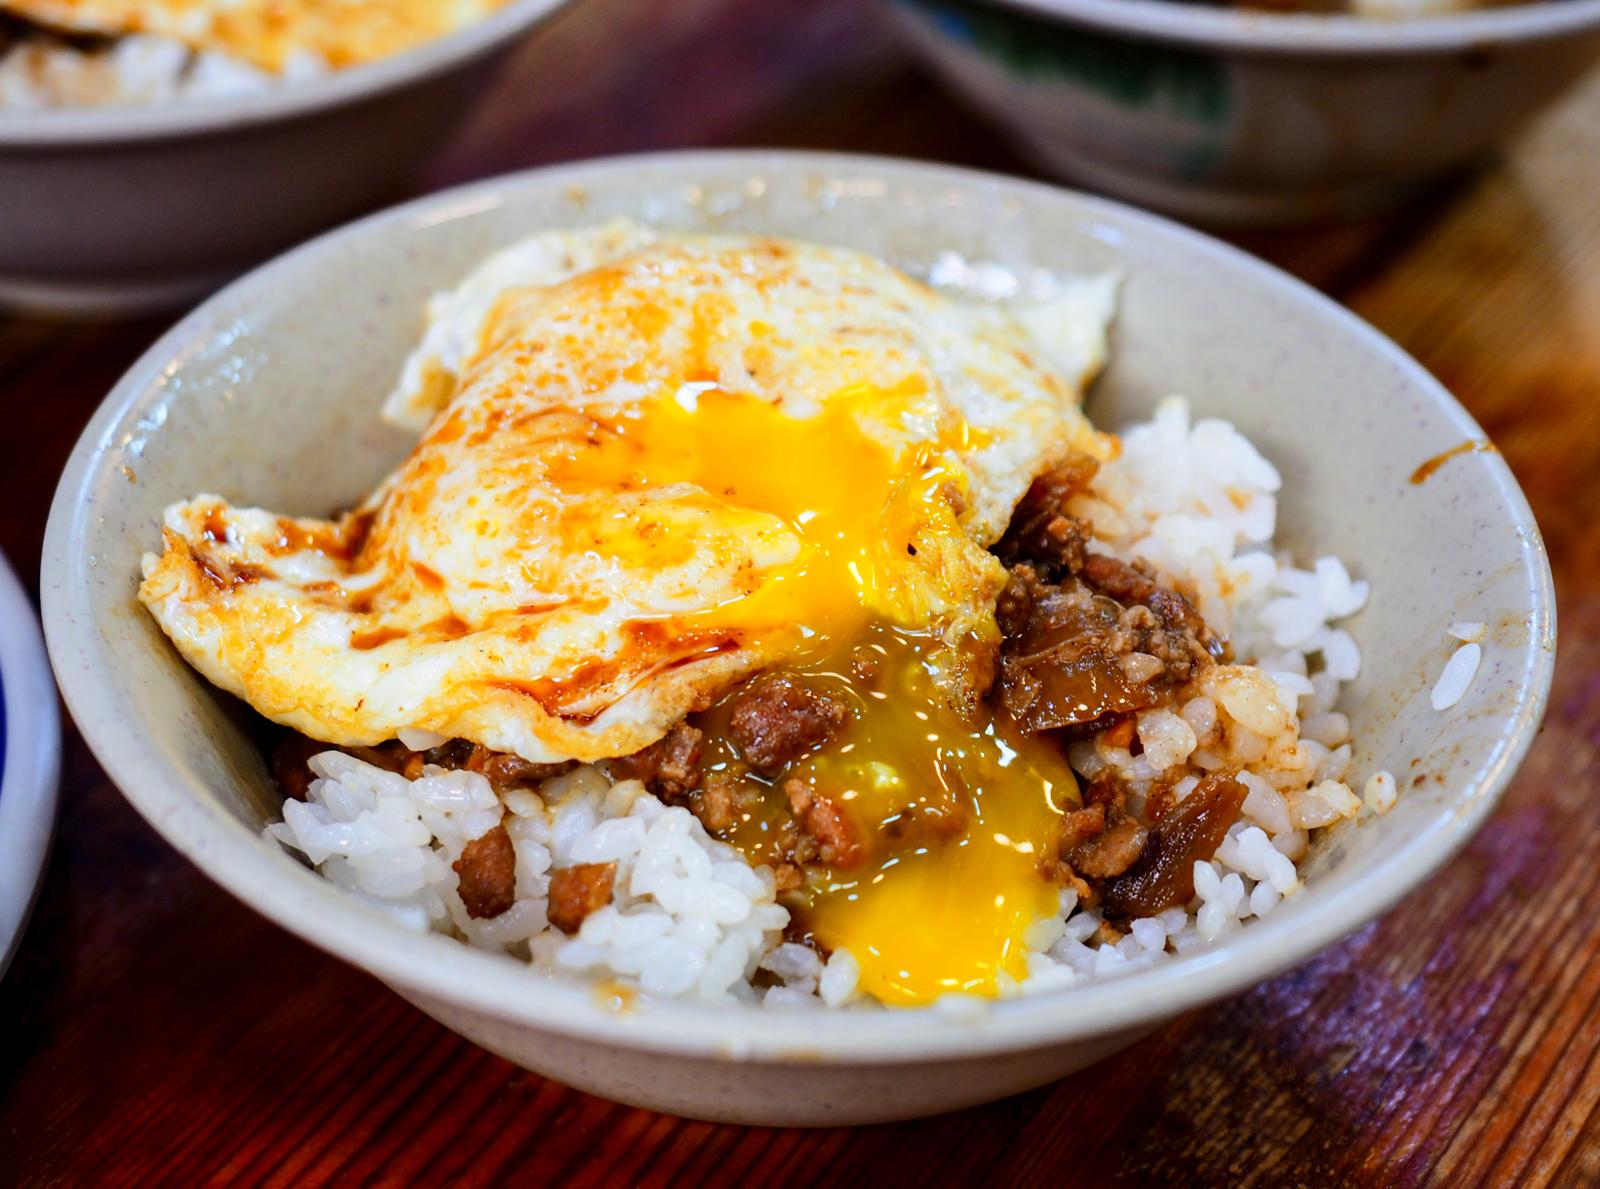 【西門美食】天天利美食坊 必點罪大惡極的半熟蛋滷肉飯